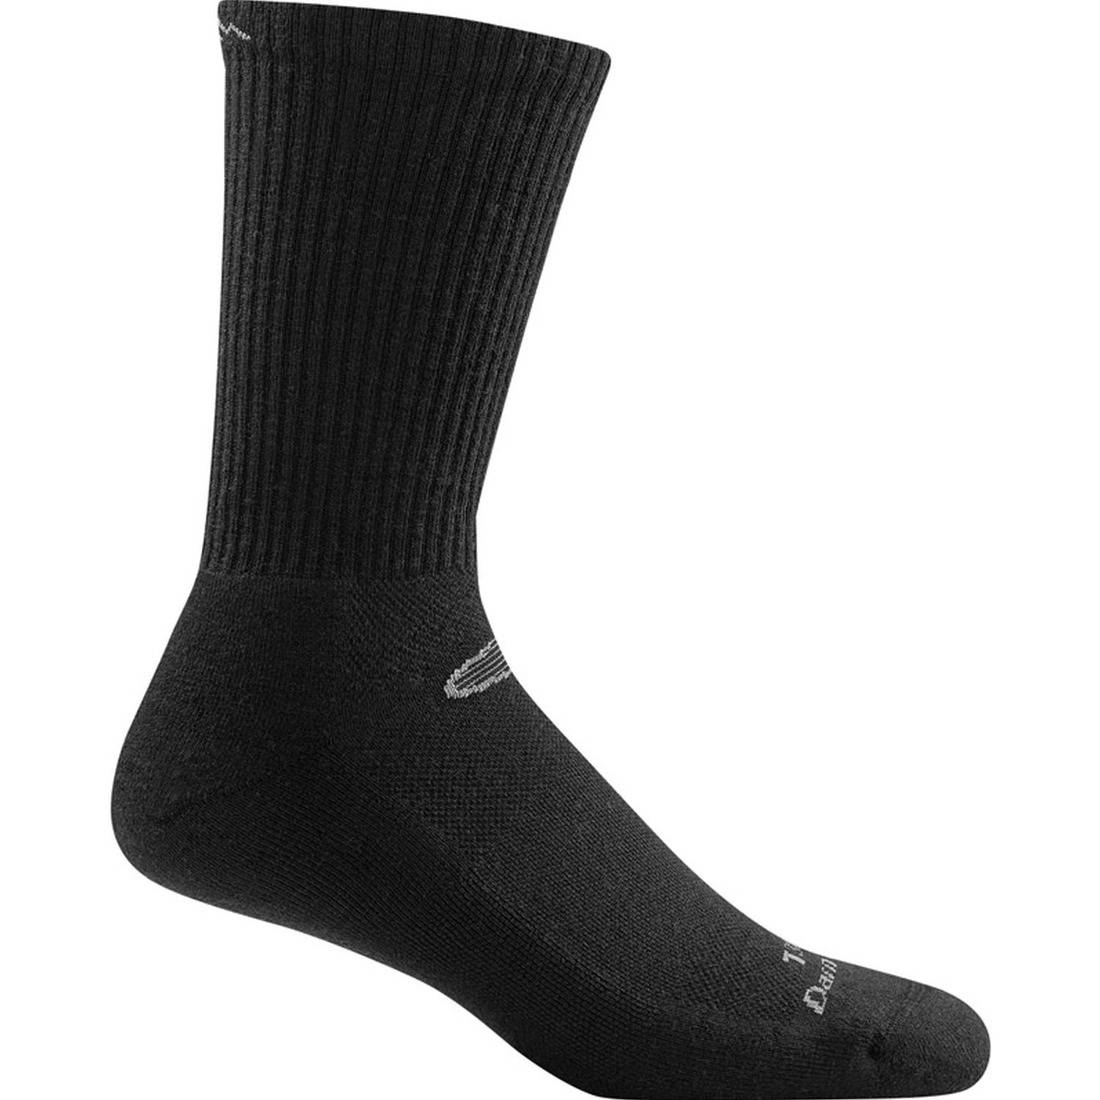 ダーンタフ T3001タクティカル マイクロクルー ライトクッション ウールソックス 靴下 メンズ  国内正規品